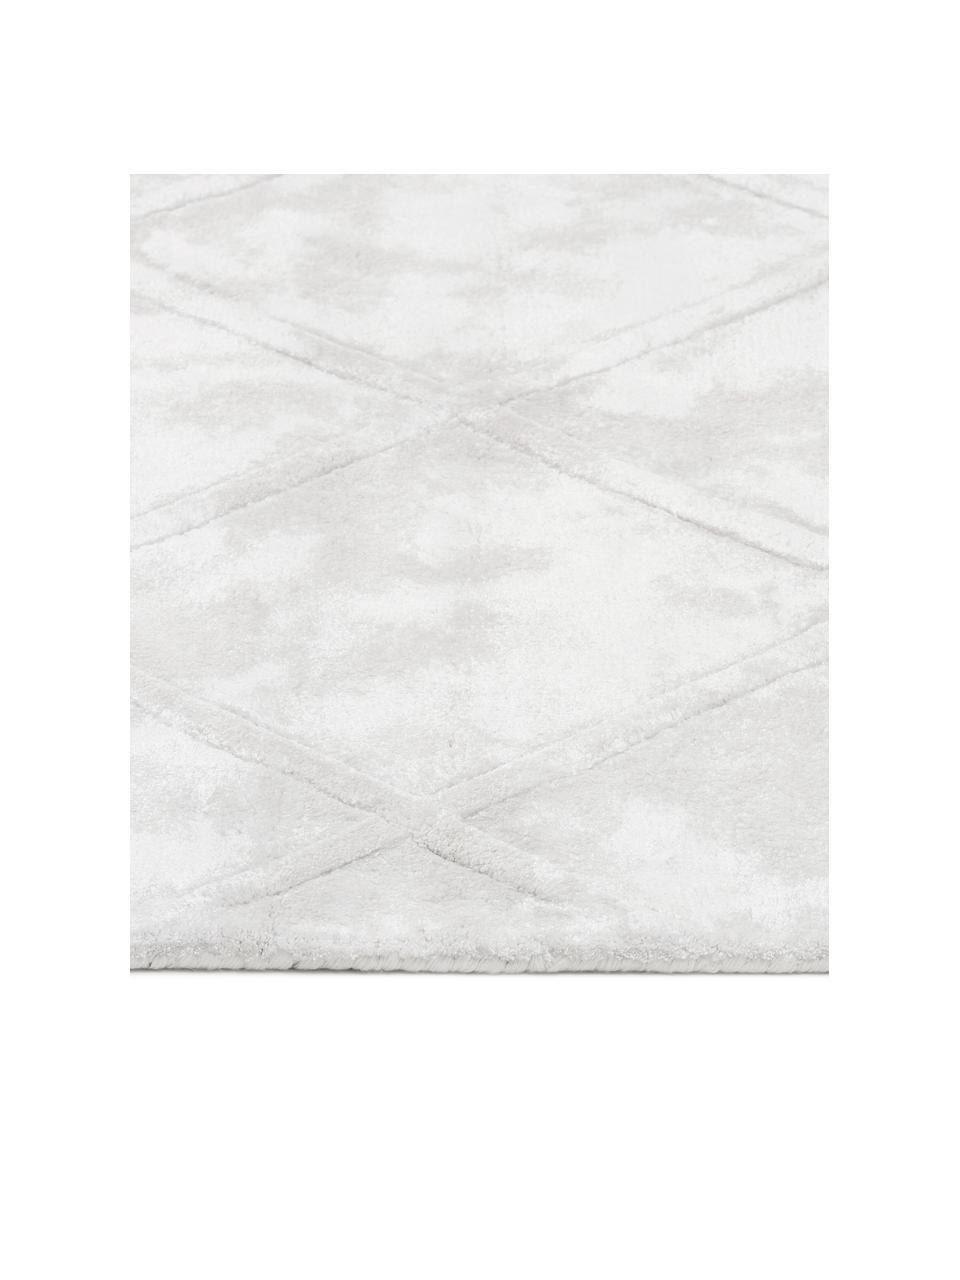 Handgetuft viscose vloerkleed Shiny in crèmekleur met ruitjesmotief, Bovenzijde: 100% viscose, Onderzijde: 100% katoen, Crèmekleurig, B 120 x L 180 cm (maat S)